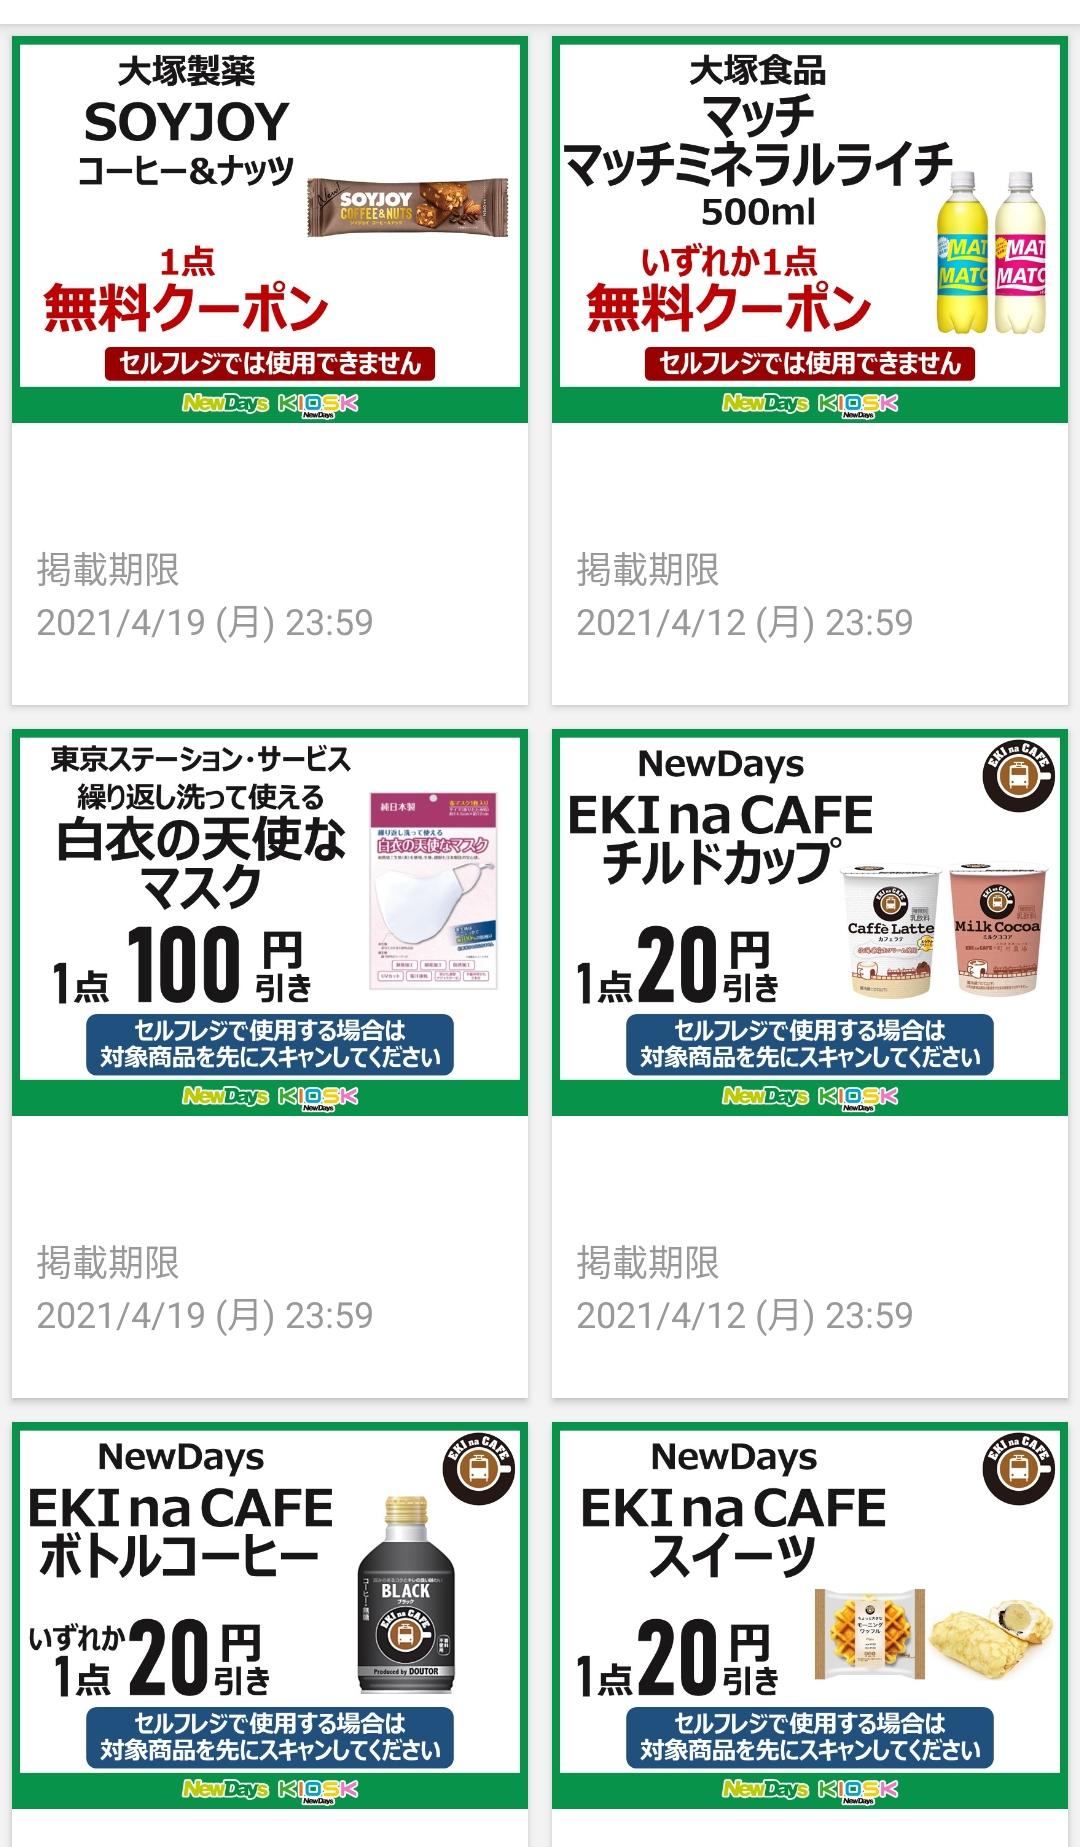 ニューデイズでアプリ登録でソイジョイ無料券やボトルコーヒー、スイーツなど20円引きクーポンが貰える。